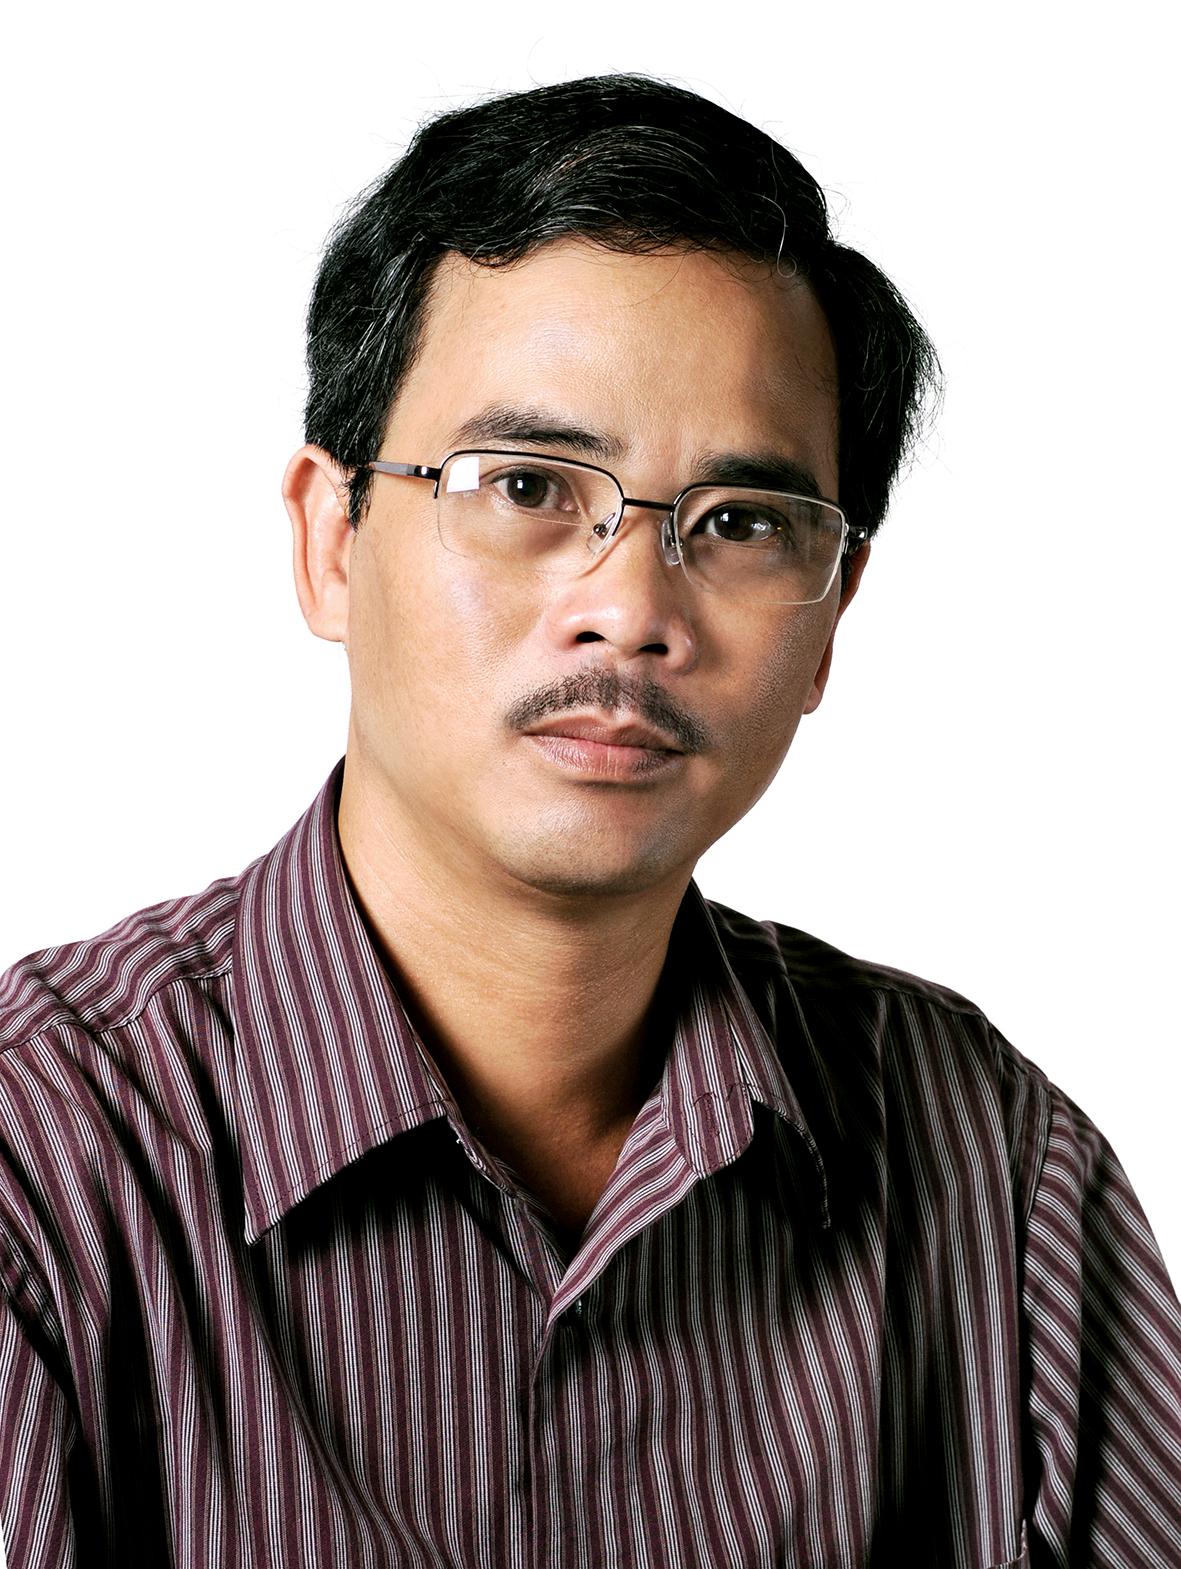 Hinh ca nhan - Bao Hung.